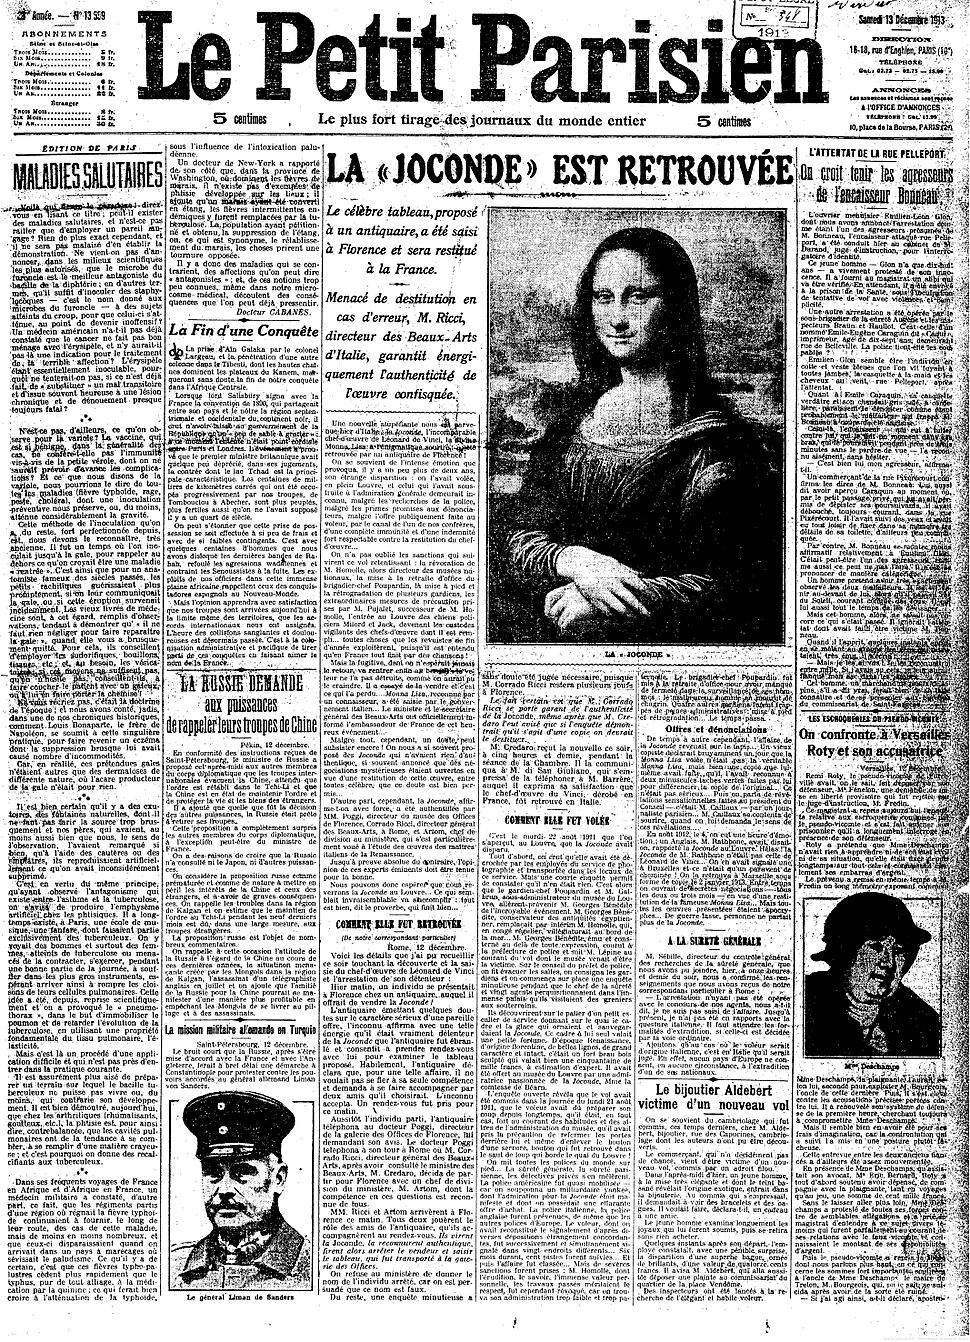 Mona Lisa Found, La Joconde est Retrouv%C3%A9e, Le Petit Parisien, Num%C3%A9ro 13559, 13 December 1913